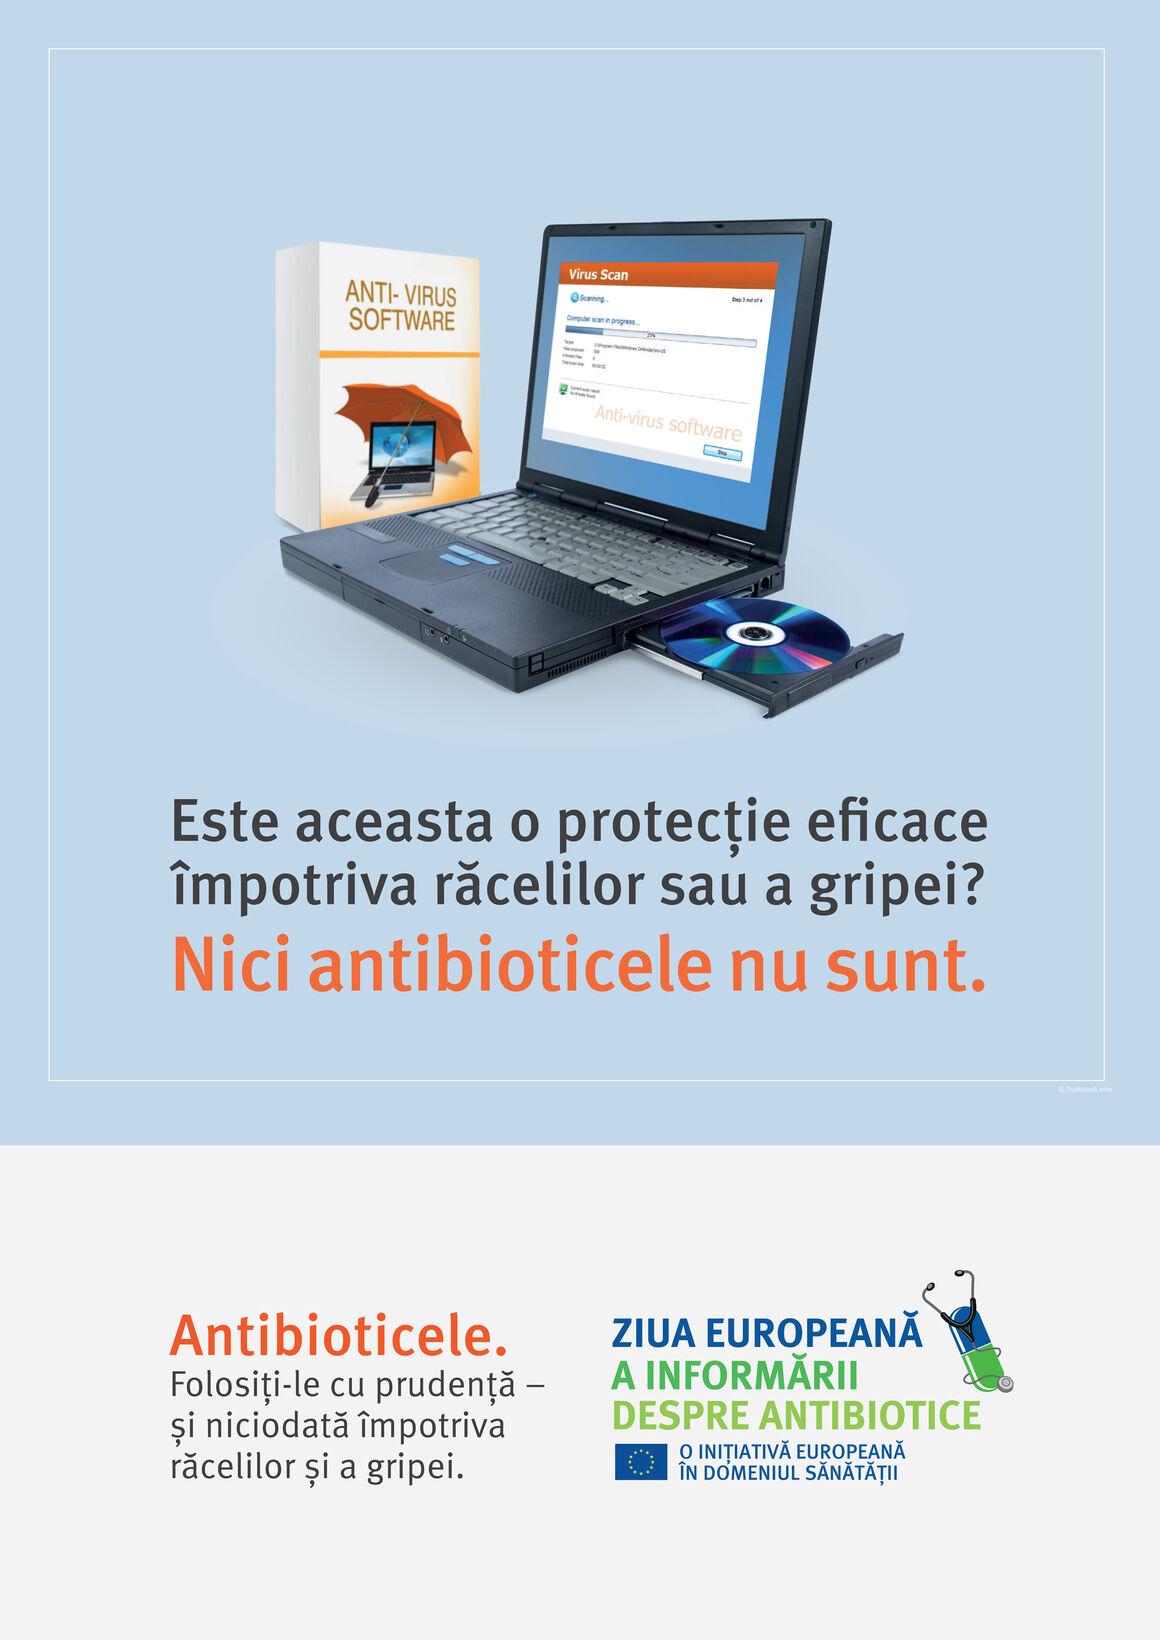 Afișe: Este aceasta o protecție eficace împotriva răcelilor sau a gripei? Nici antibioticele nu sunt.